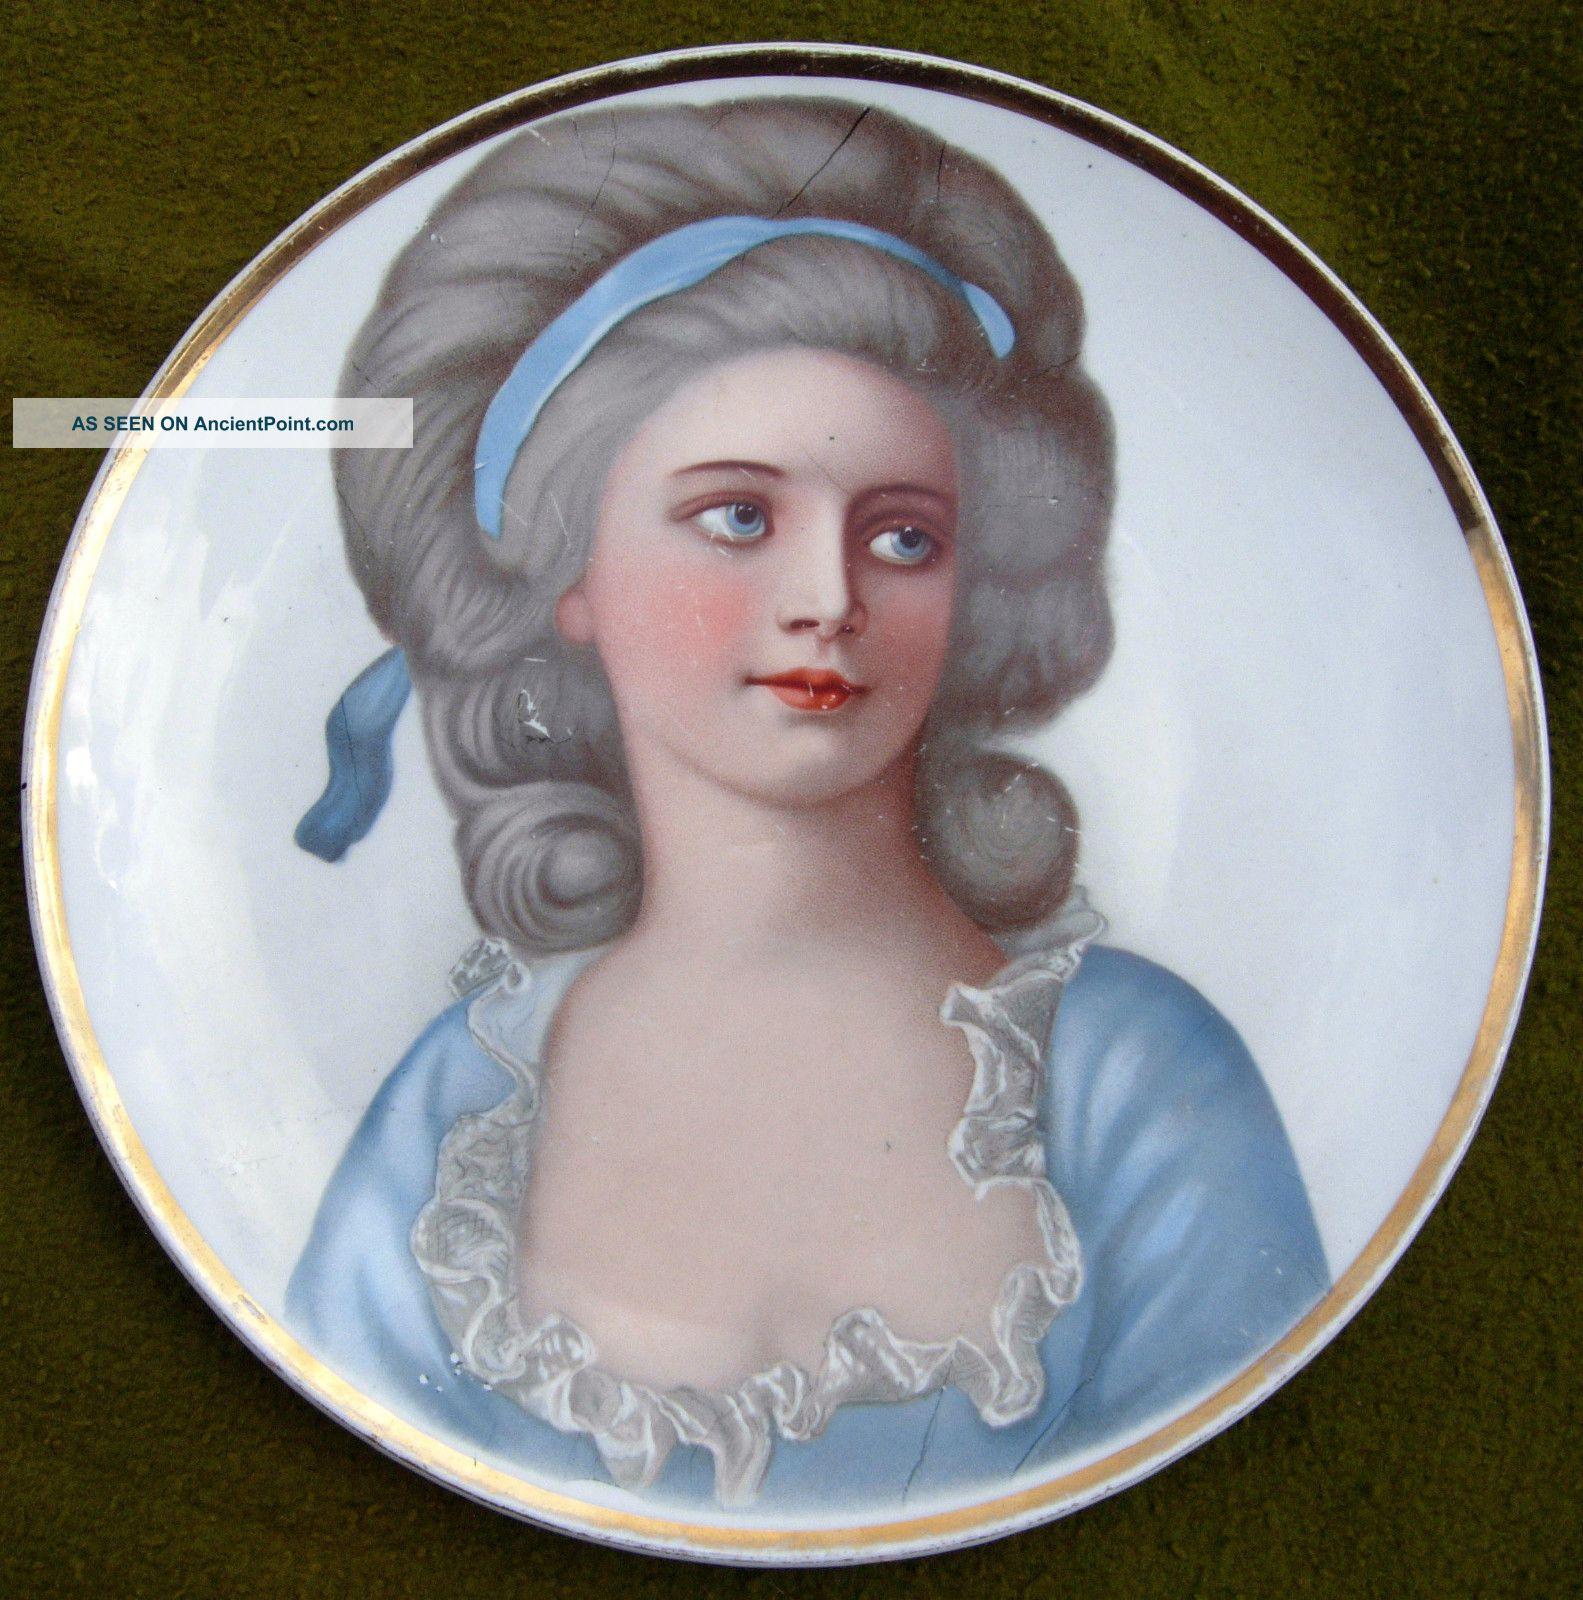 2 Wonderful Portrait Plates Madame Roland Mademoie De  sc 1 st  Image Antique and Candle Victimassist.Org & Antique Portrait Plates - Image Antique and Candle Victimassist.Org